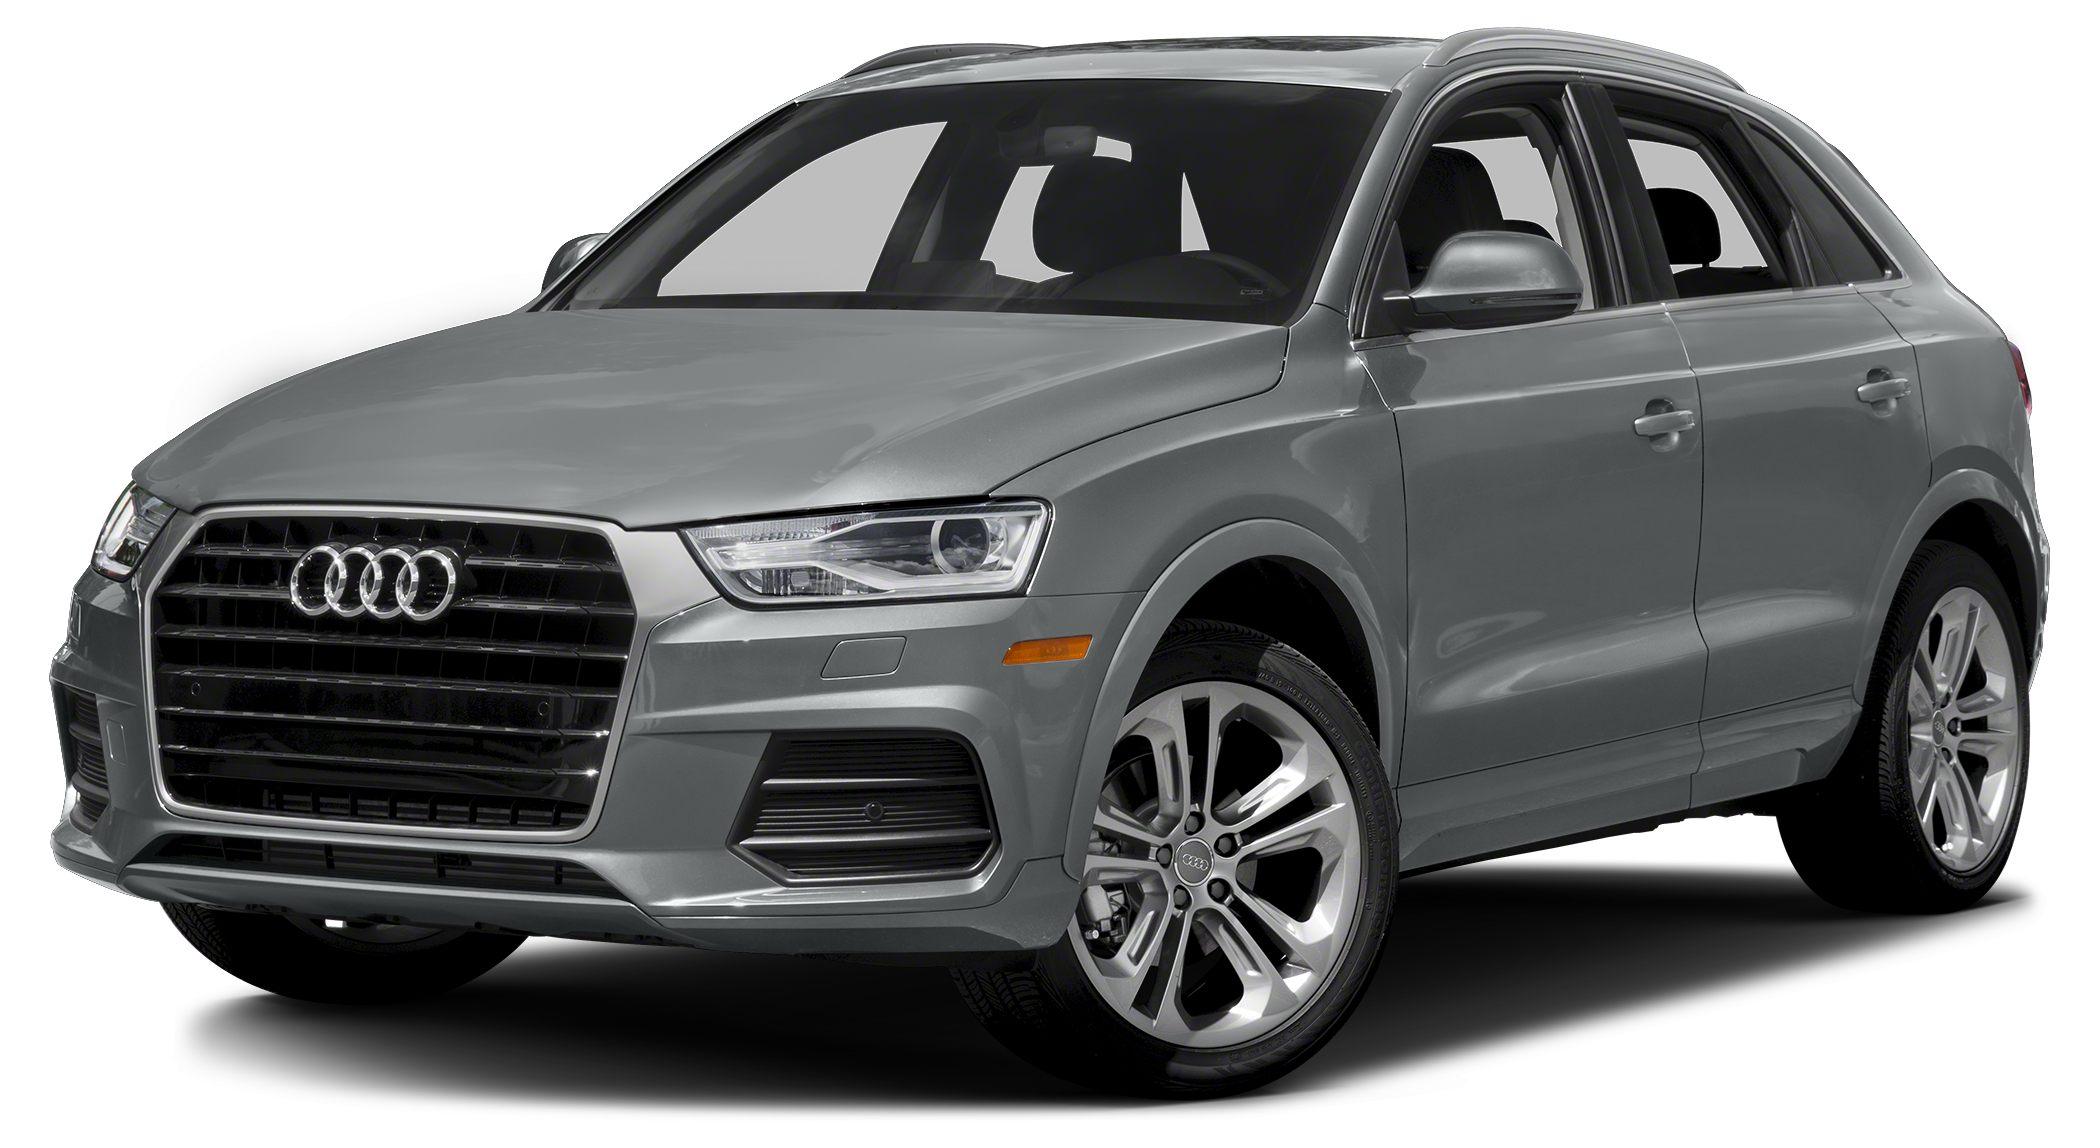 2017 Audi Q3 20T quattro Premium Audi CertifiedThis Very Low Mileage Q3 Prestige includes Fact